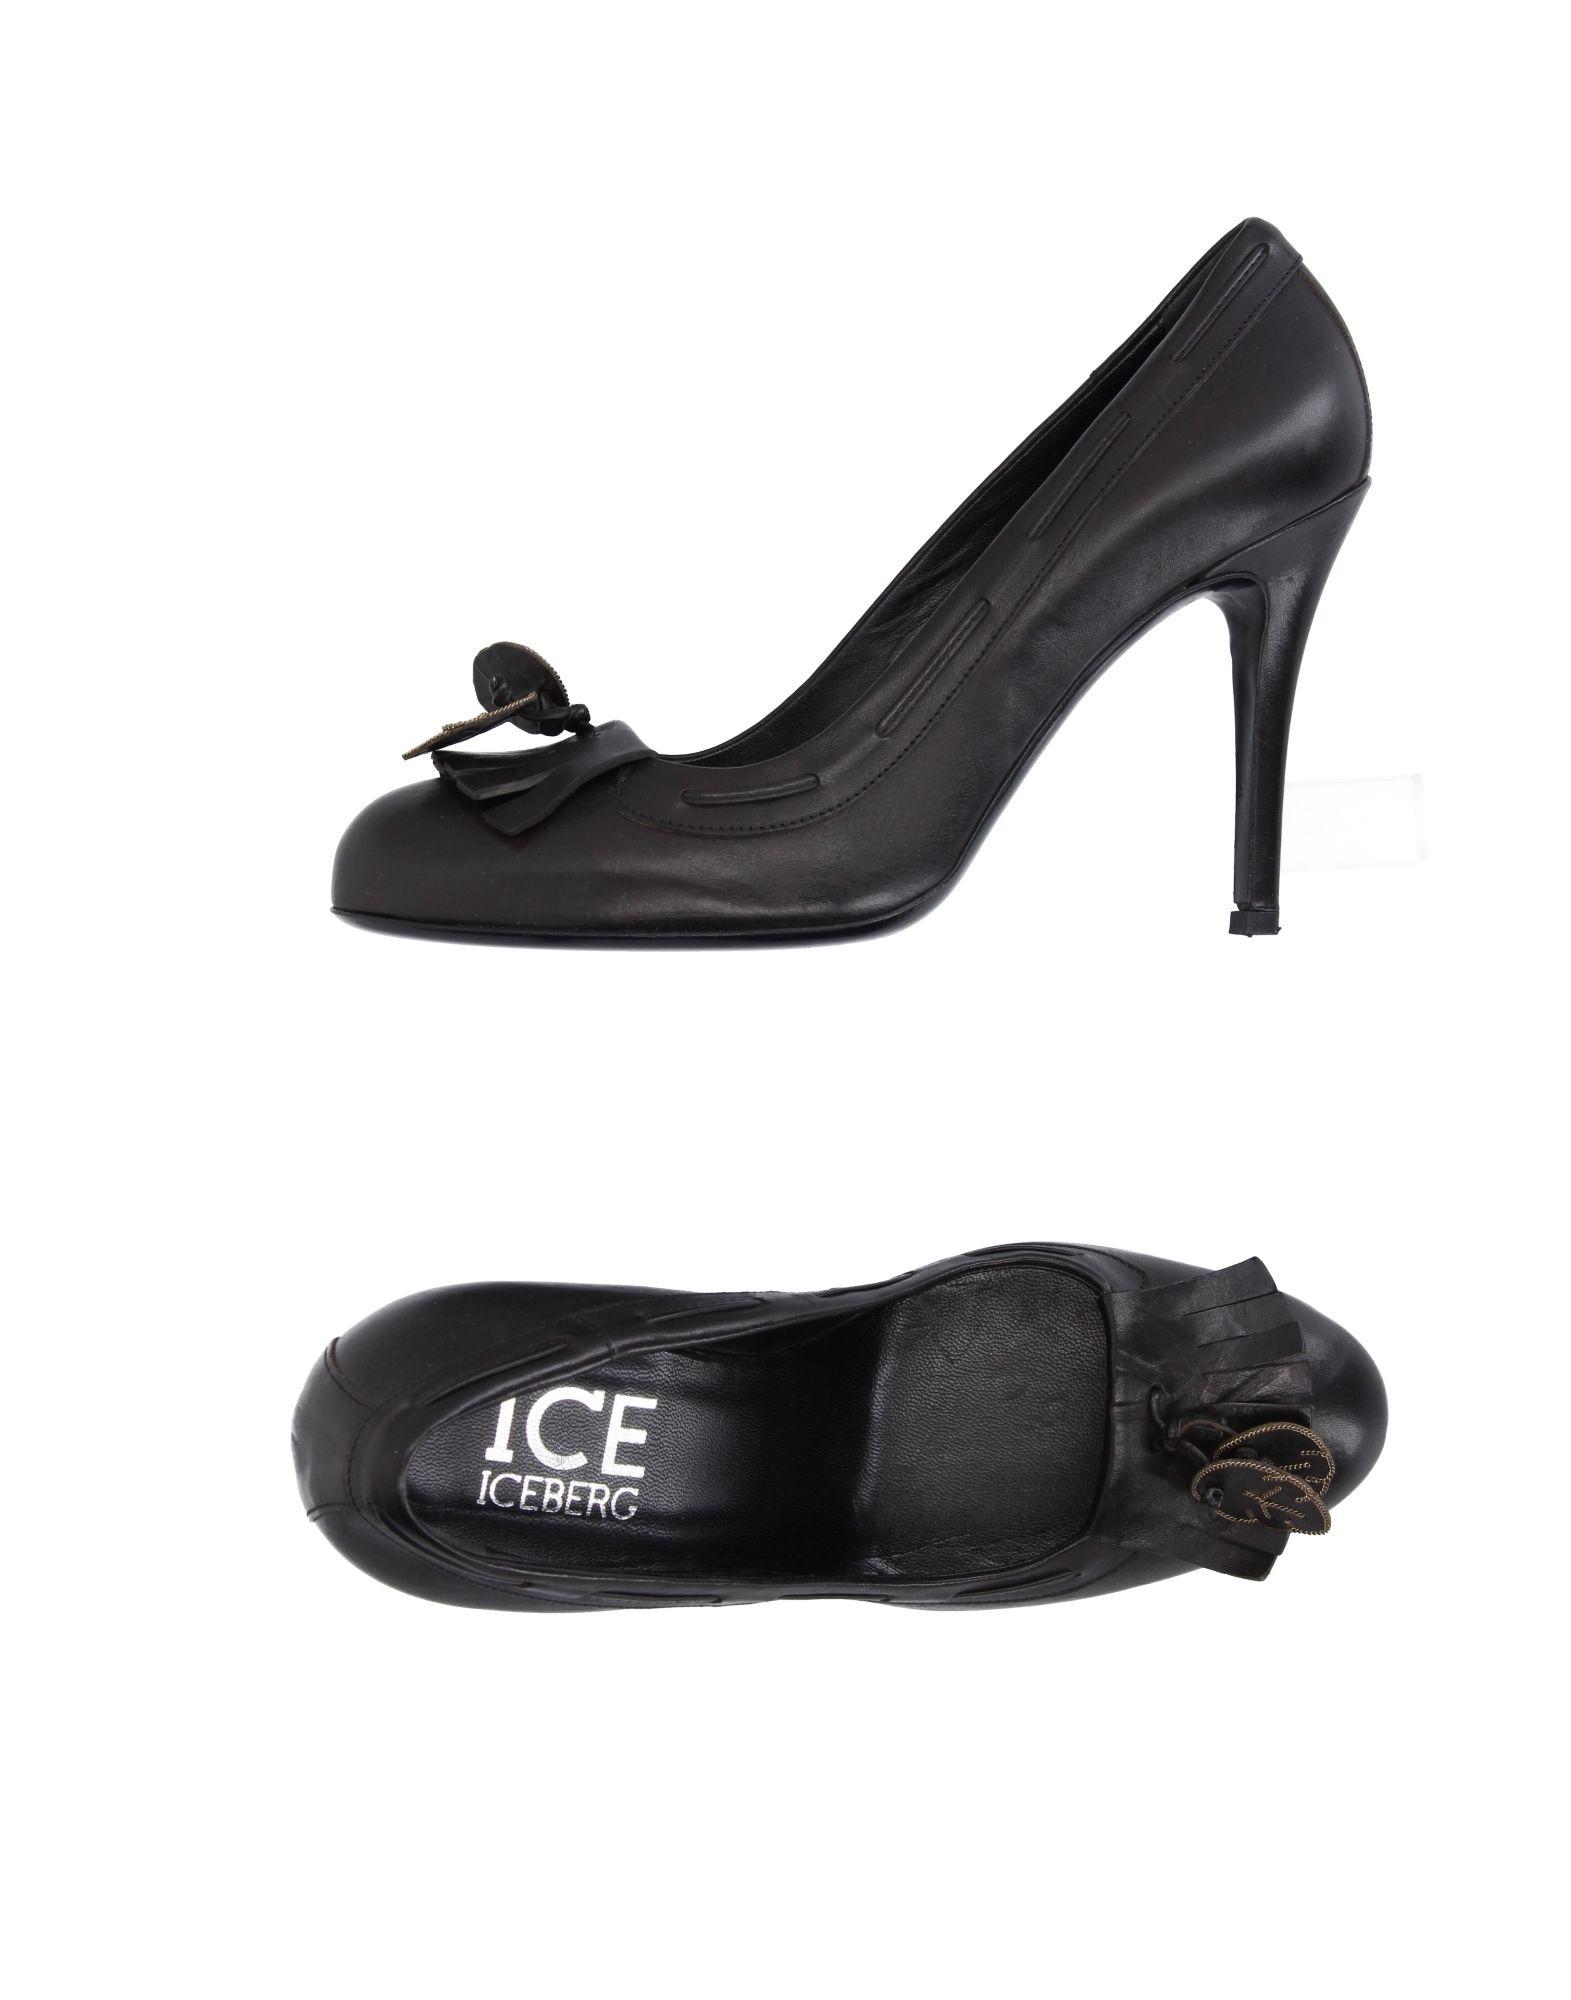 《送料無料》ICE ICEBERG レディース パンプス ブラック 40 革